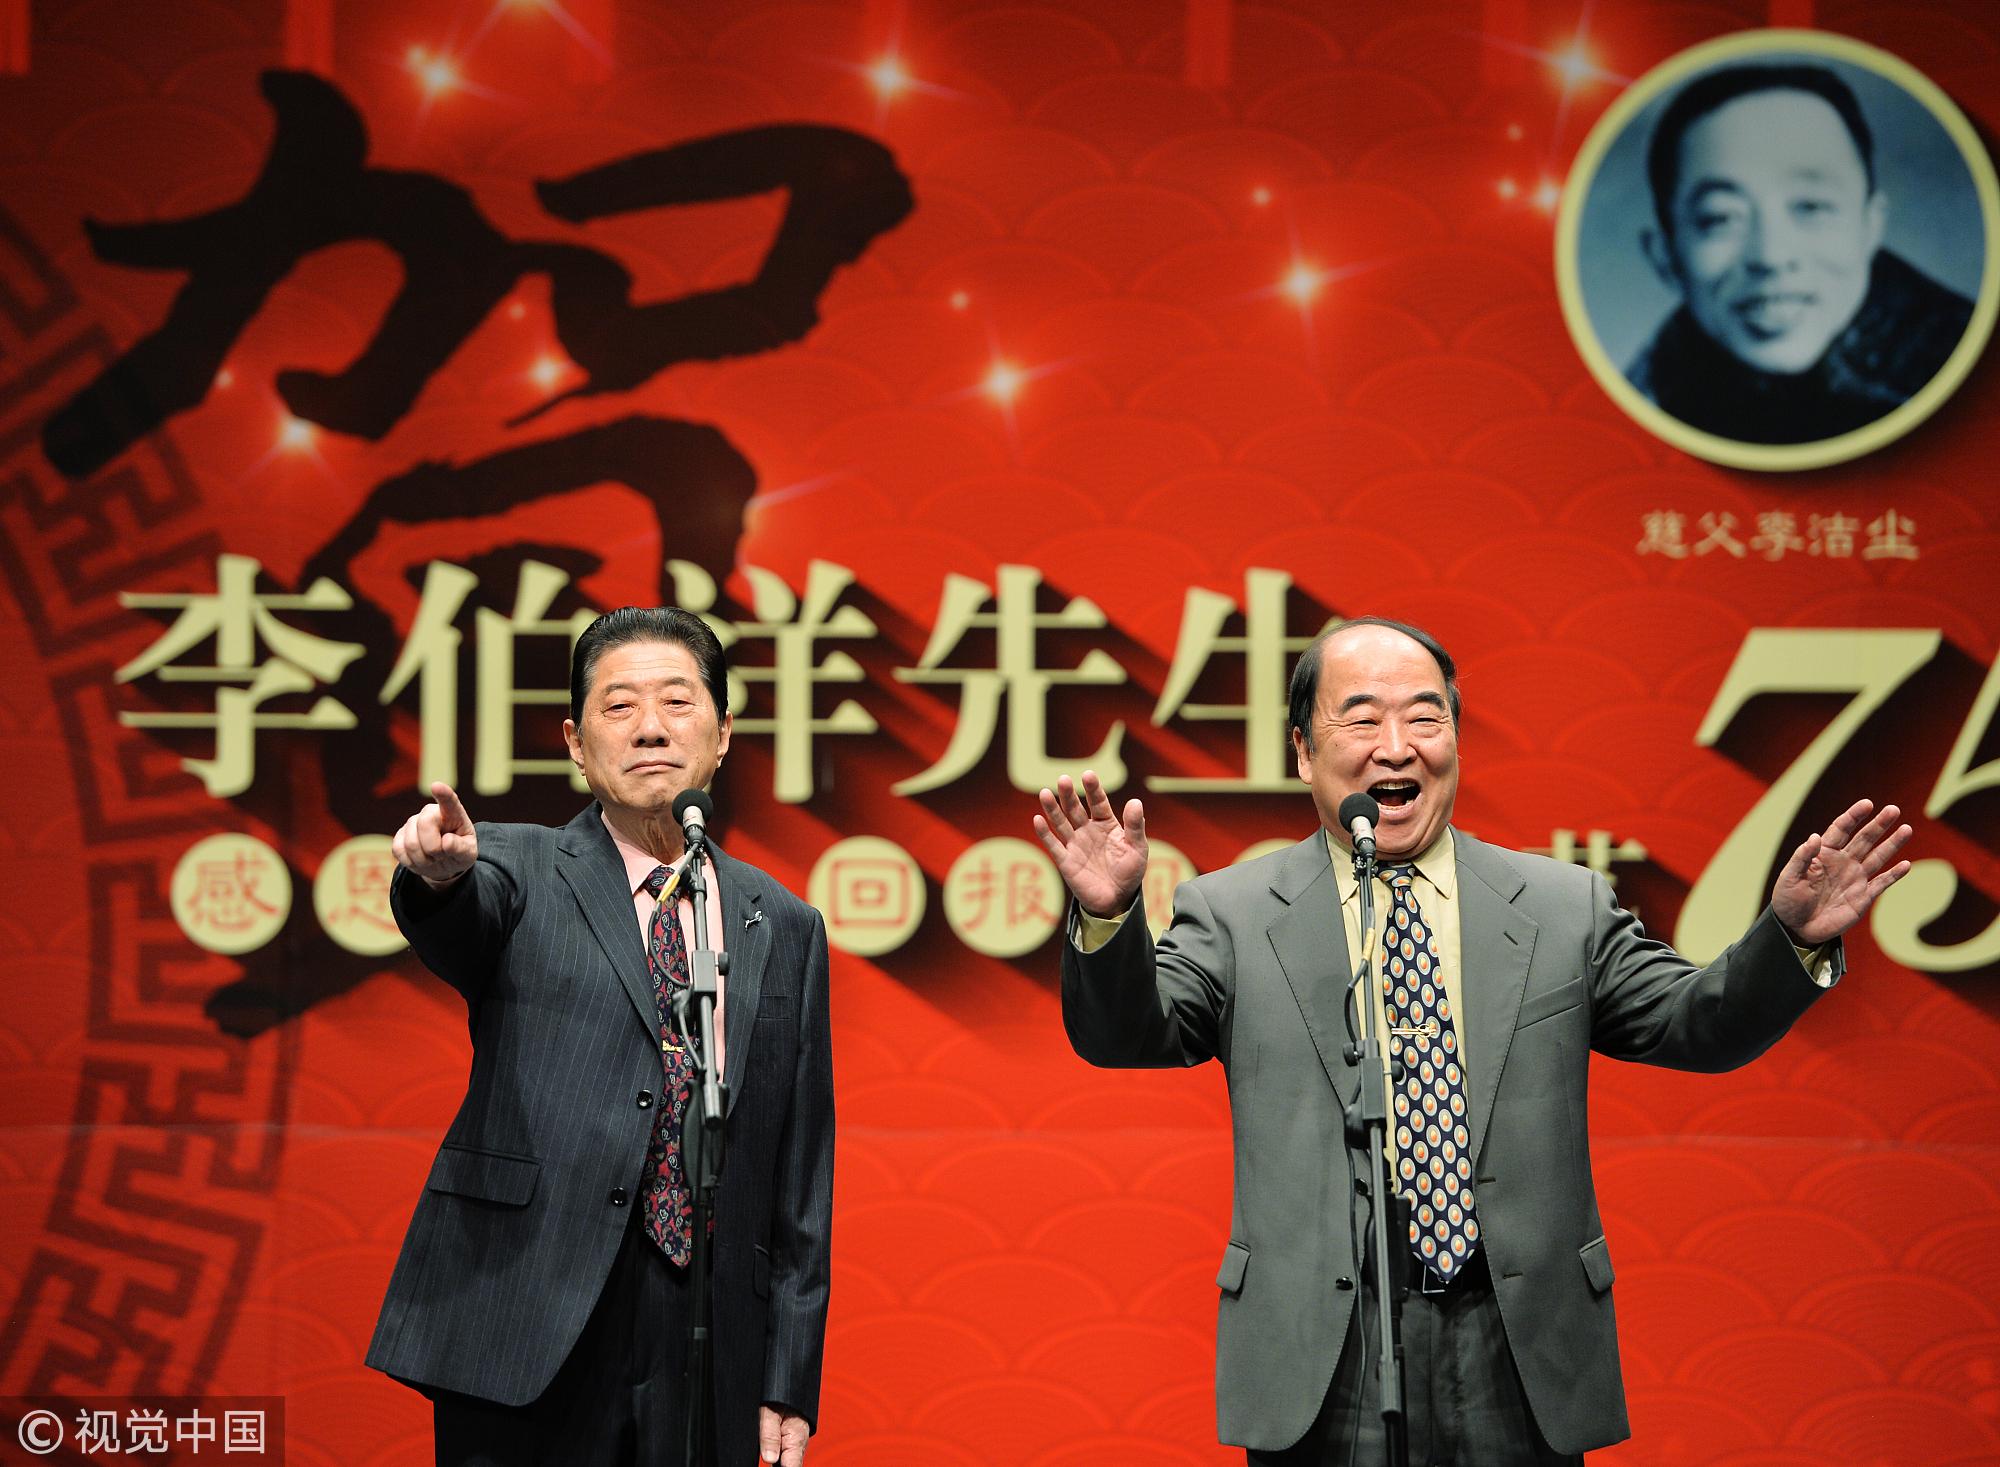 常贵田去世享年76岁 与叔叔常宝华同台惹回忆